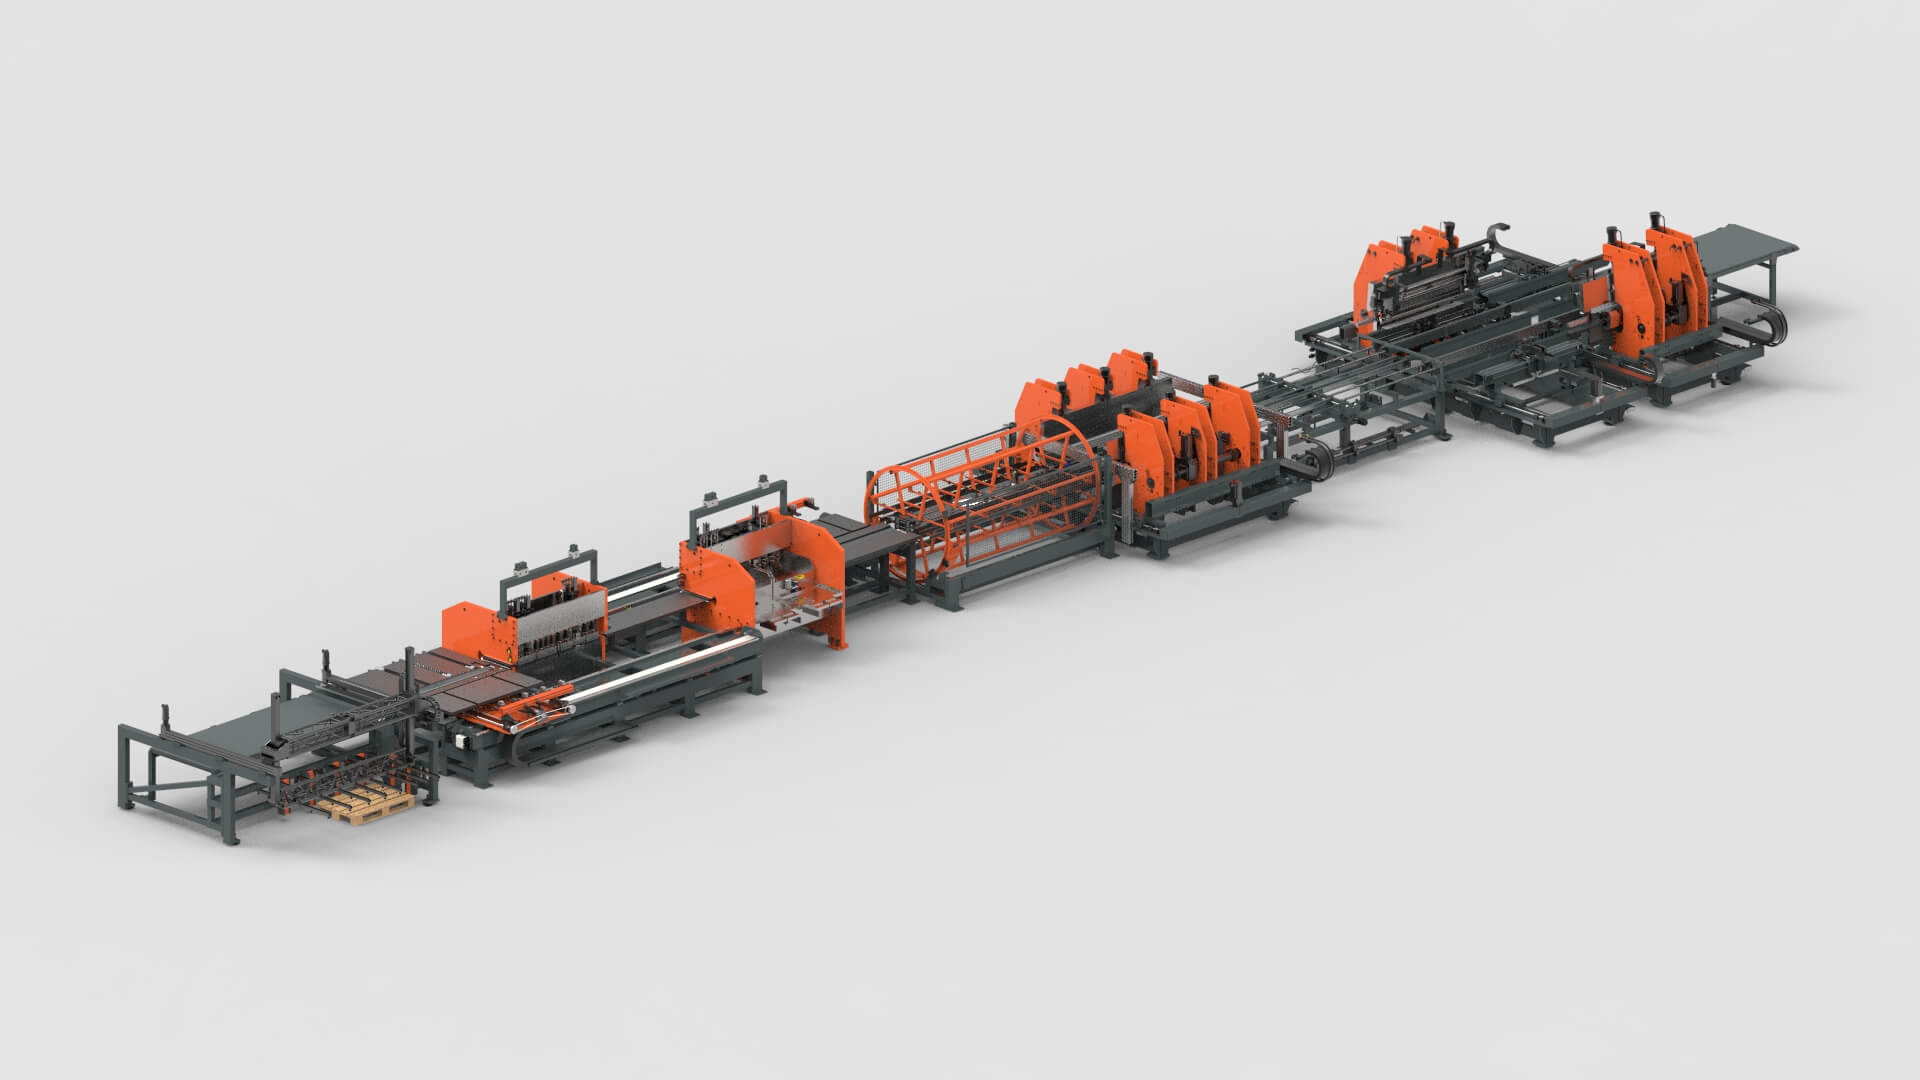 wemo-stalen-kasten-plaatbewerking-ponsen-buigen-productielijn.jpg